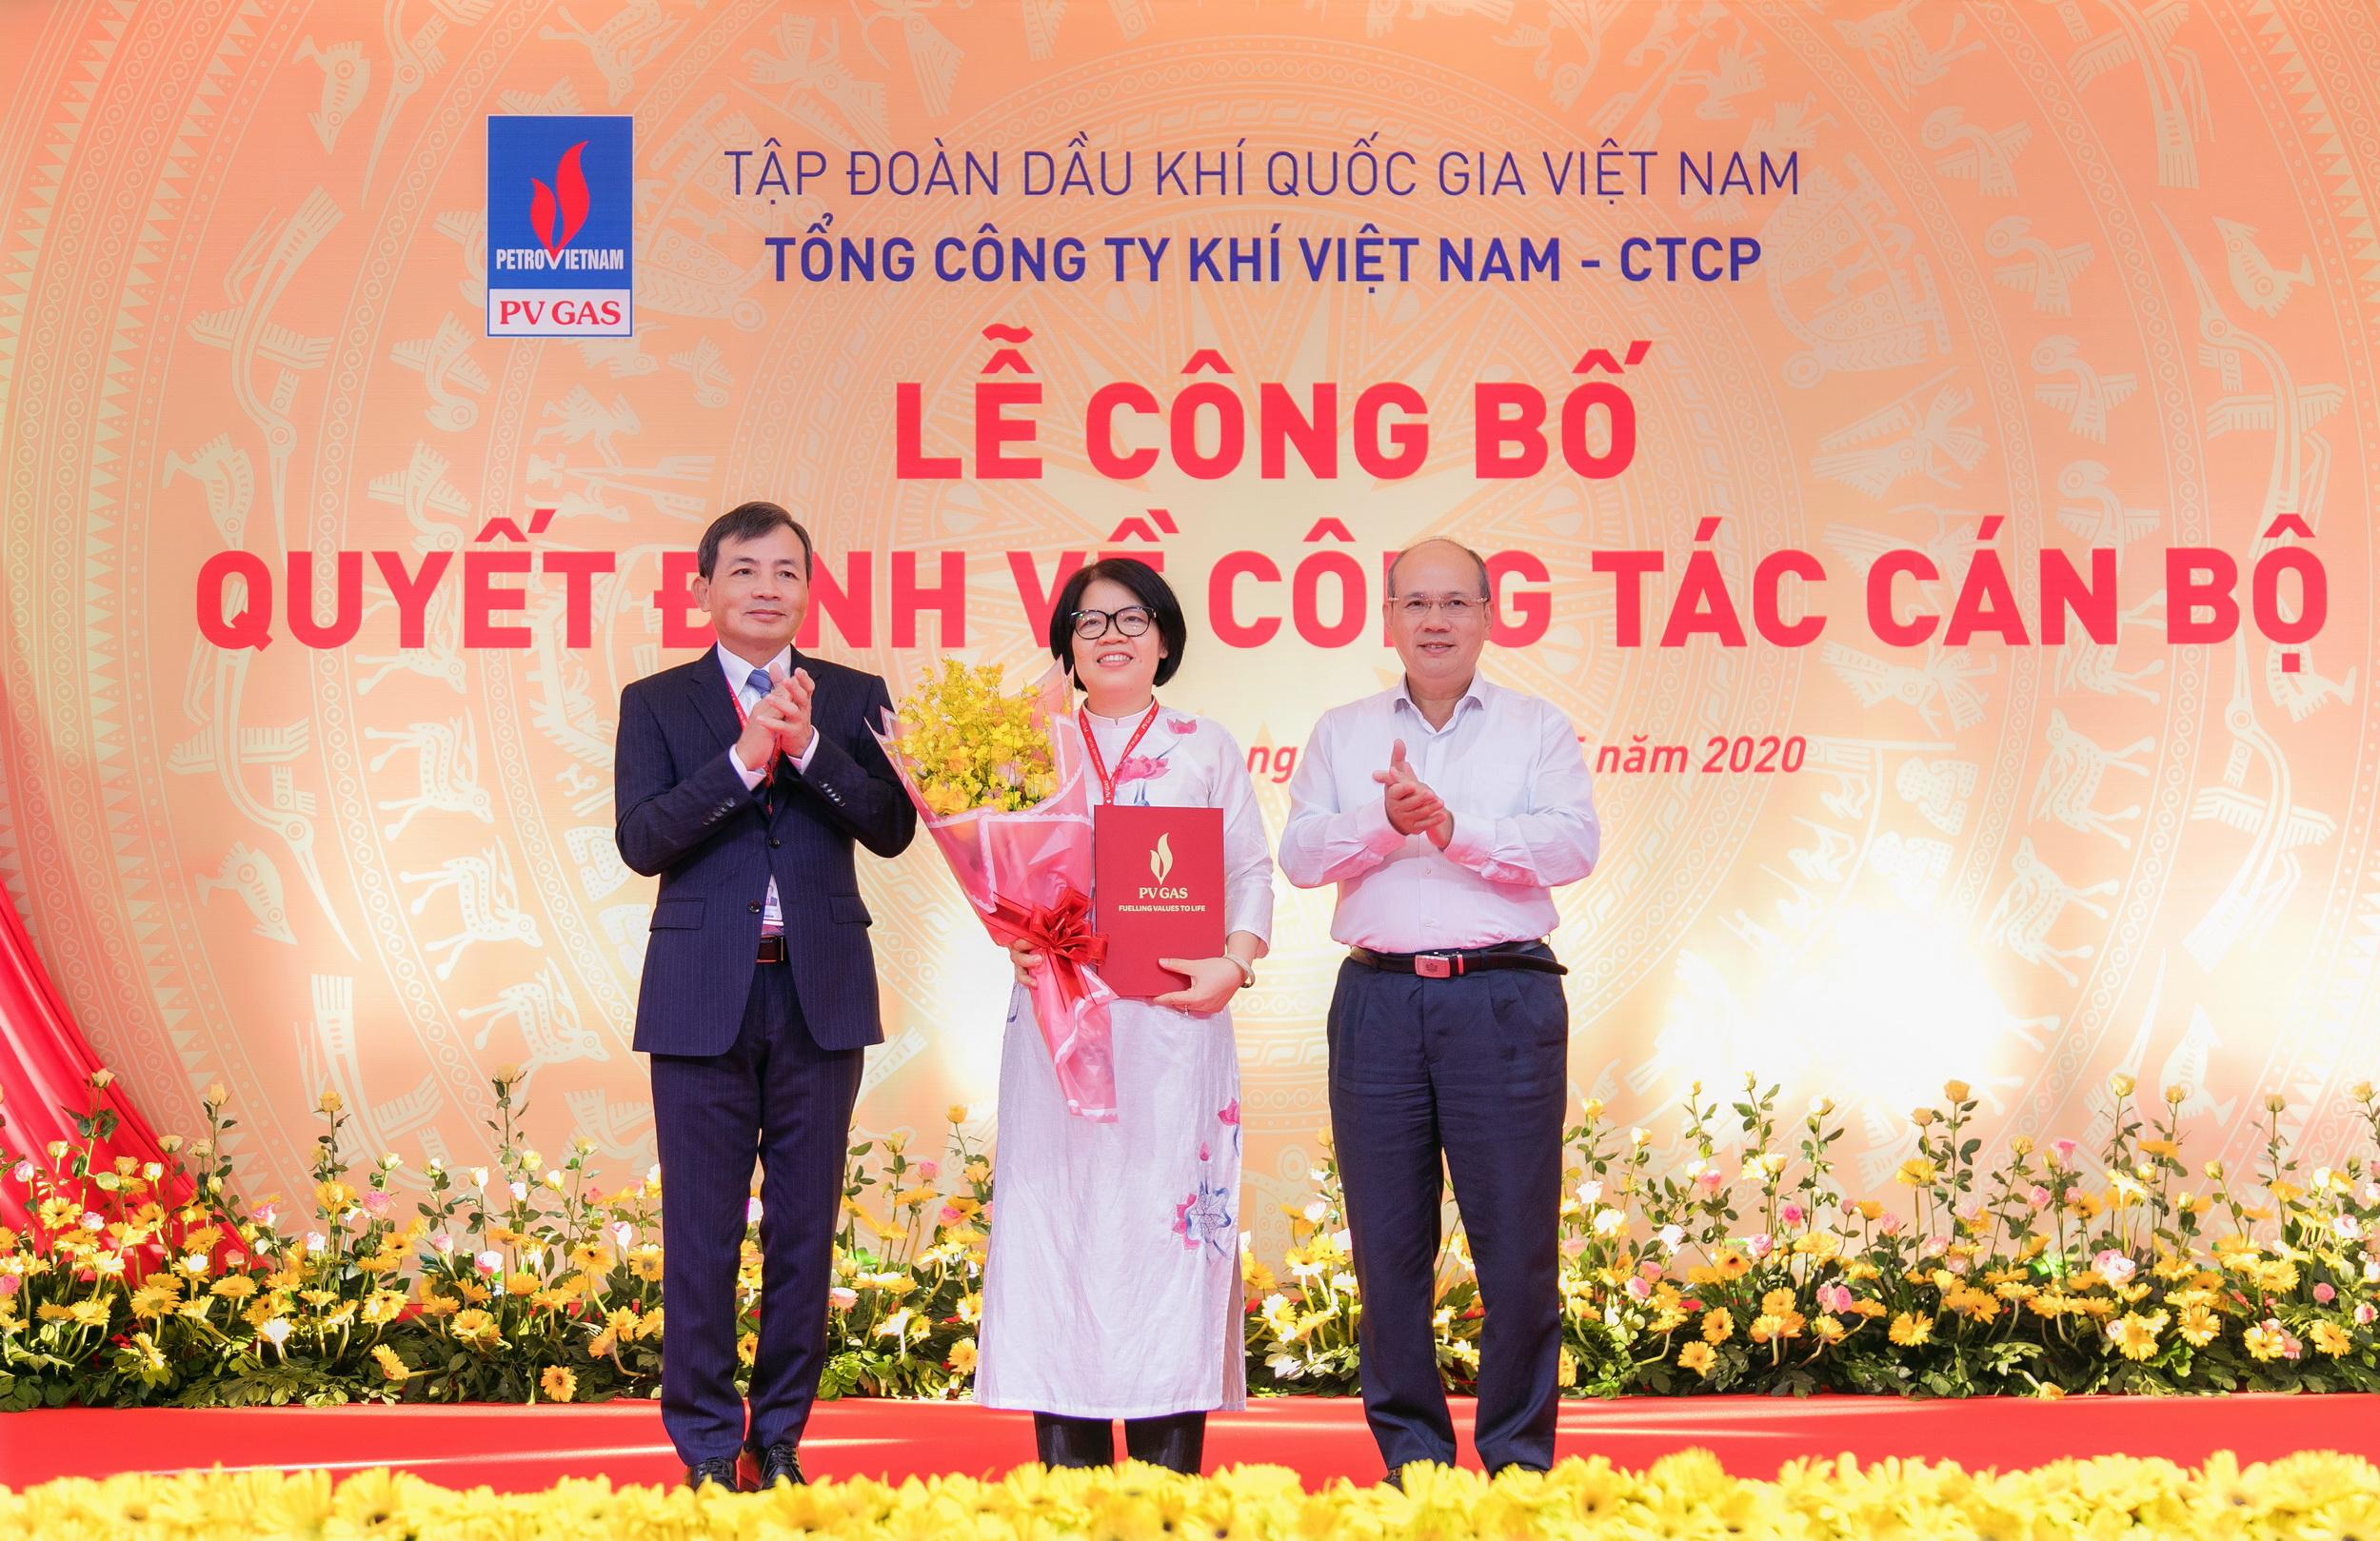 Trao quyết định bổ nhiệm cho bà Trần Thị Hoàng Anh – Trưởng Ban Kiểm soát PV GAS